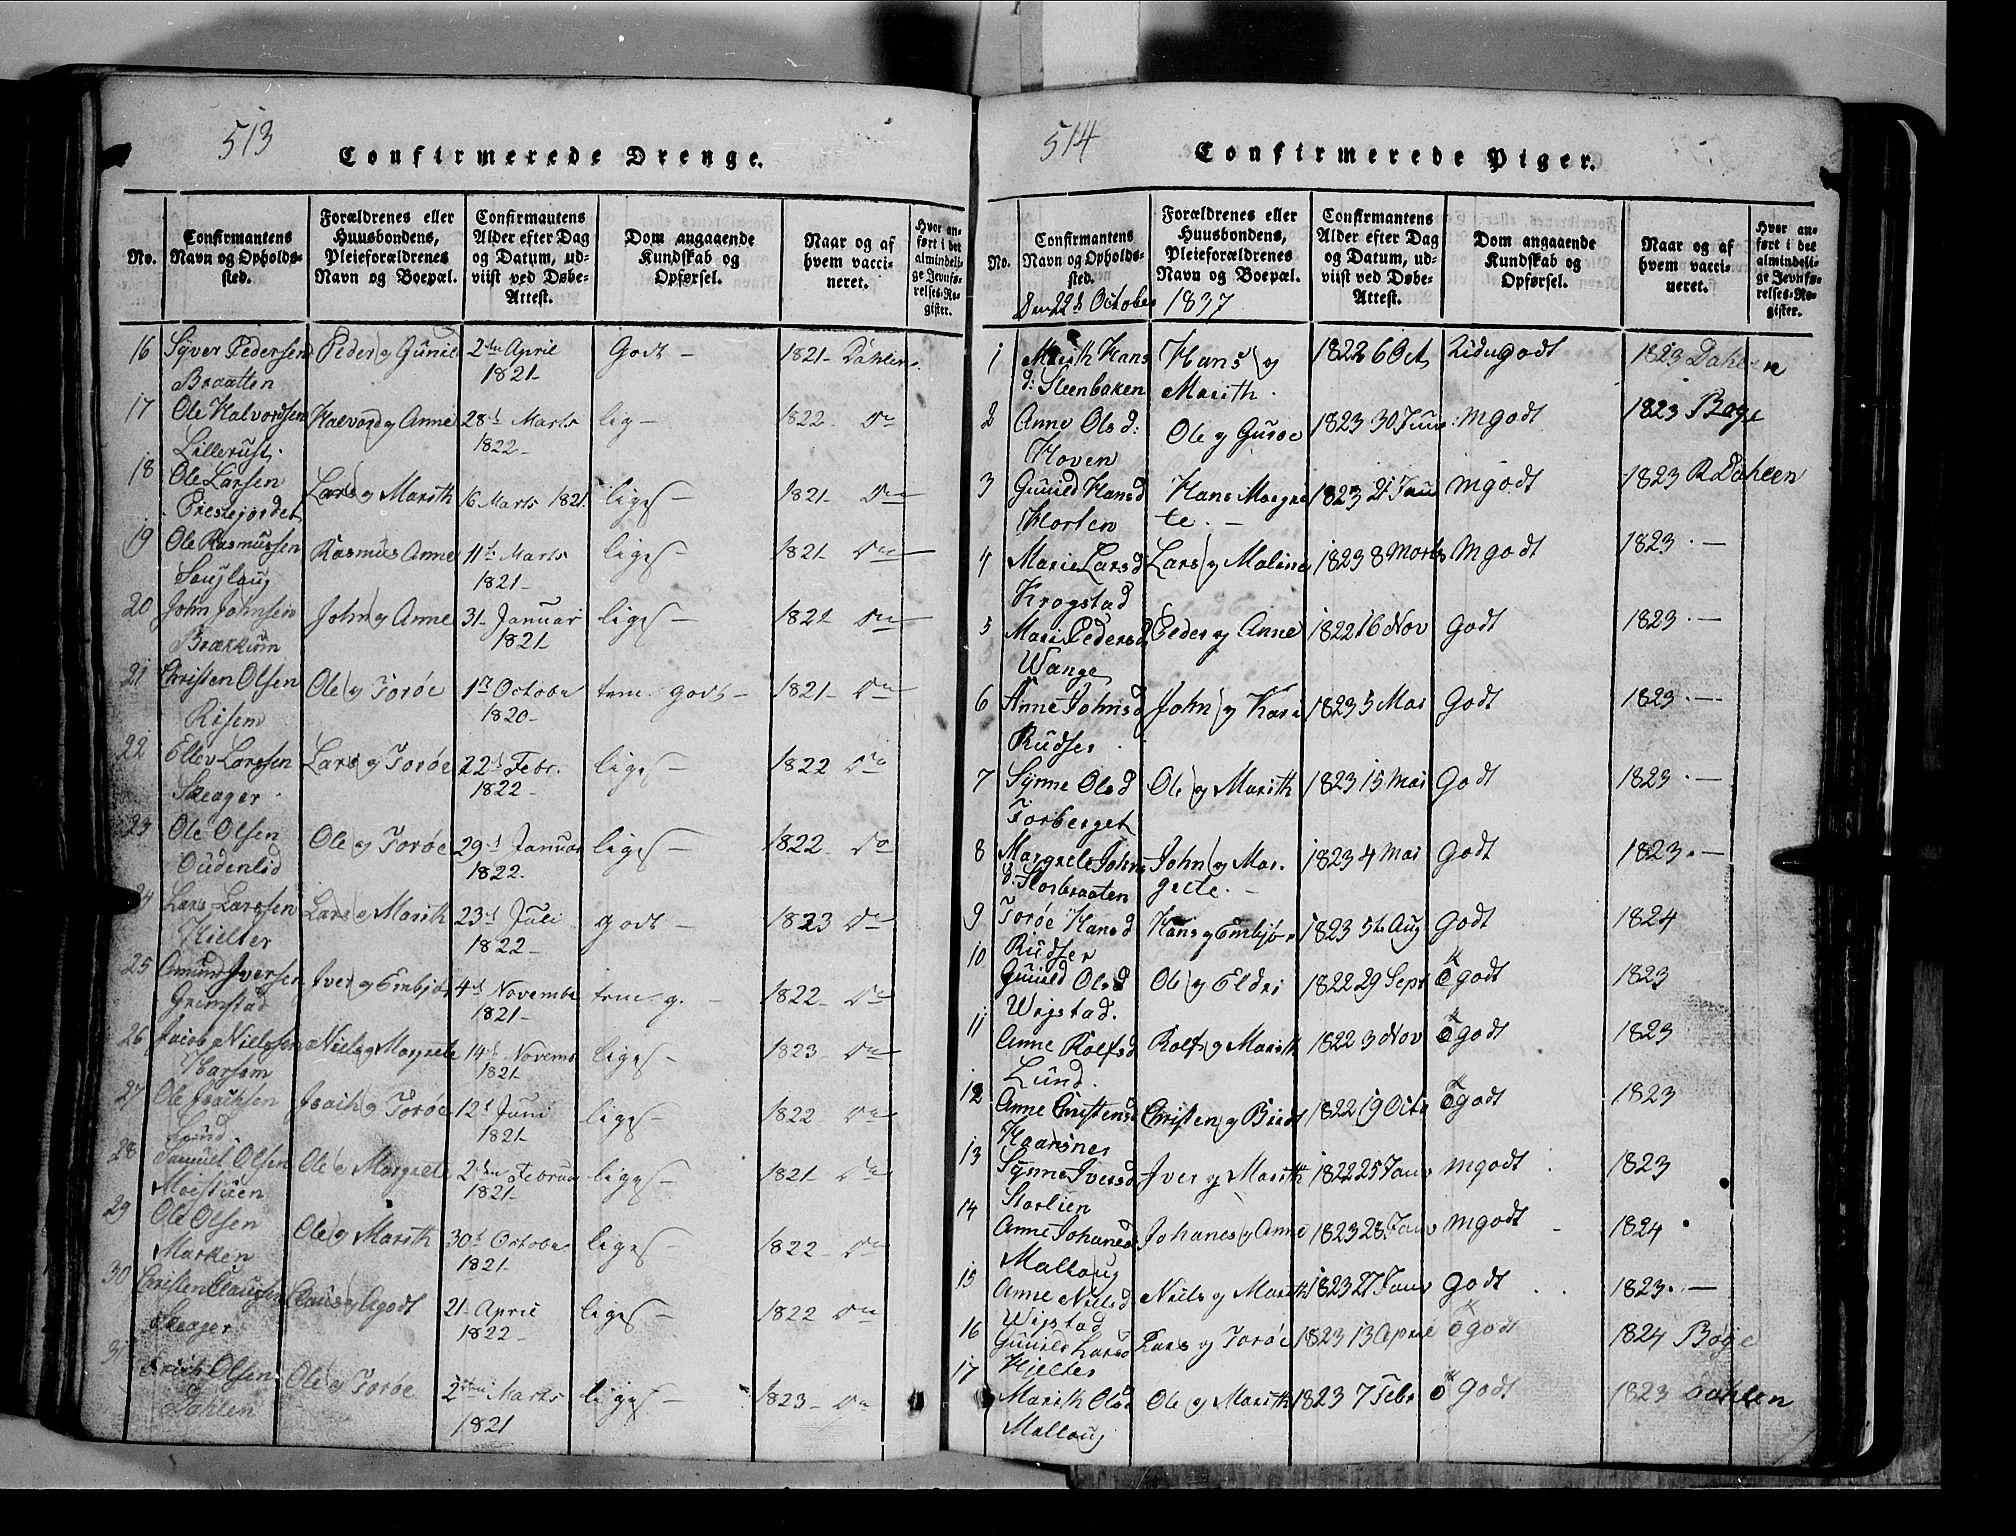 SAH, Lom prestekontor, L/L0003: Klokkerbok nr. 3, 1815-1844, s. 513-514